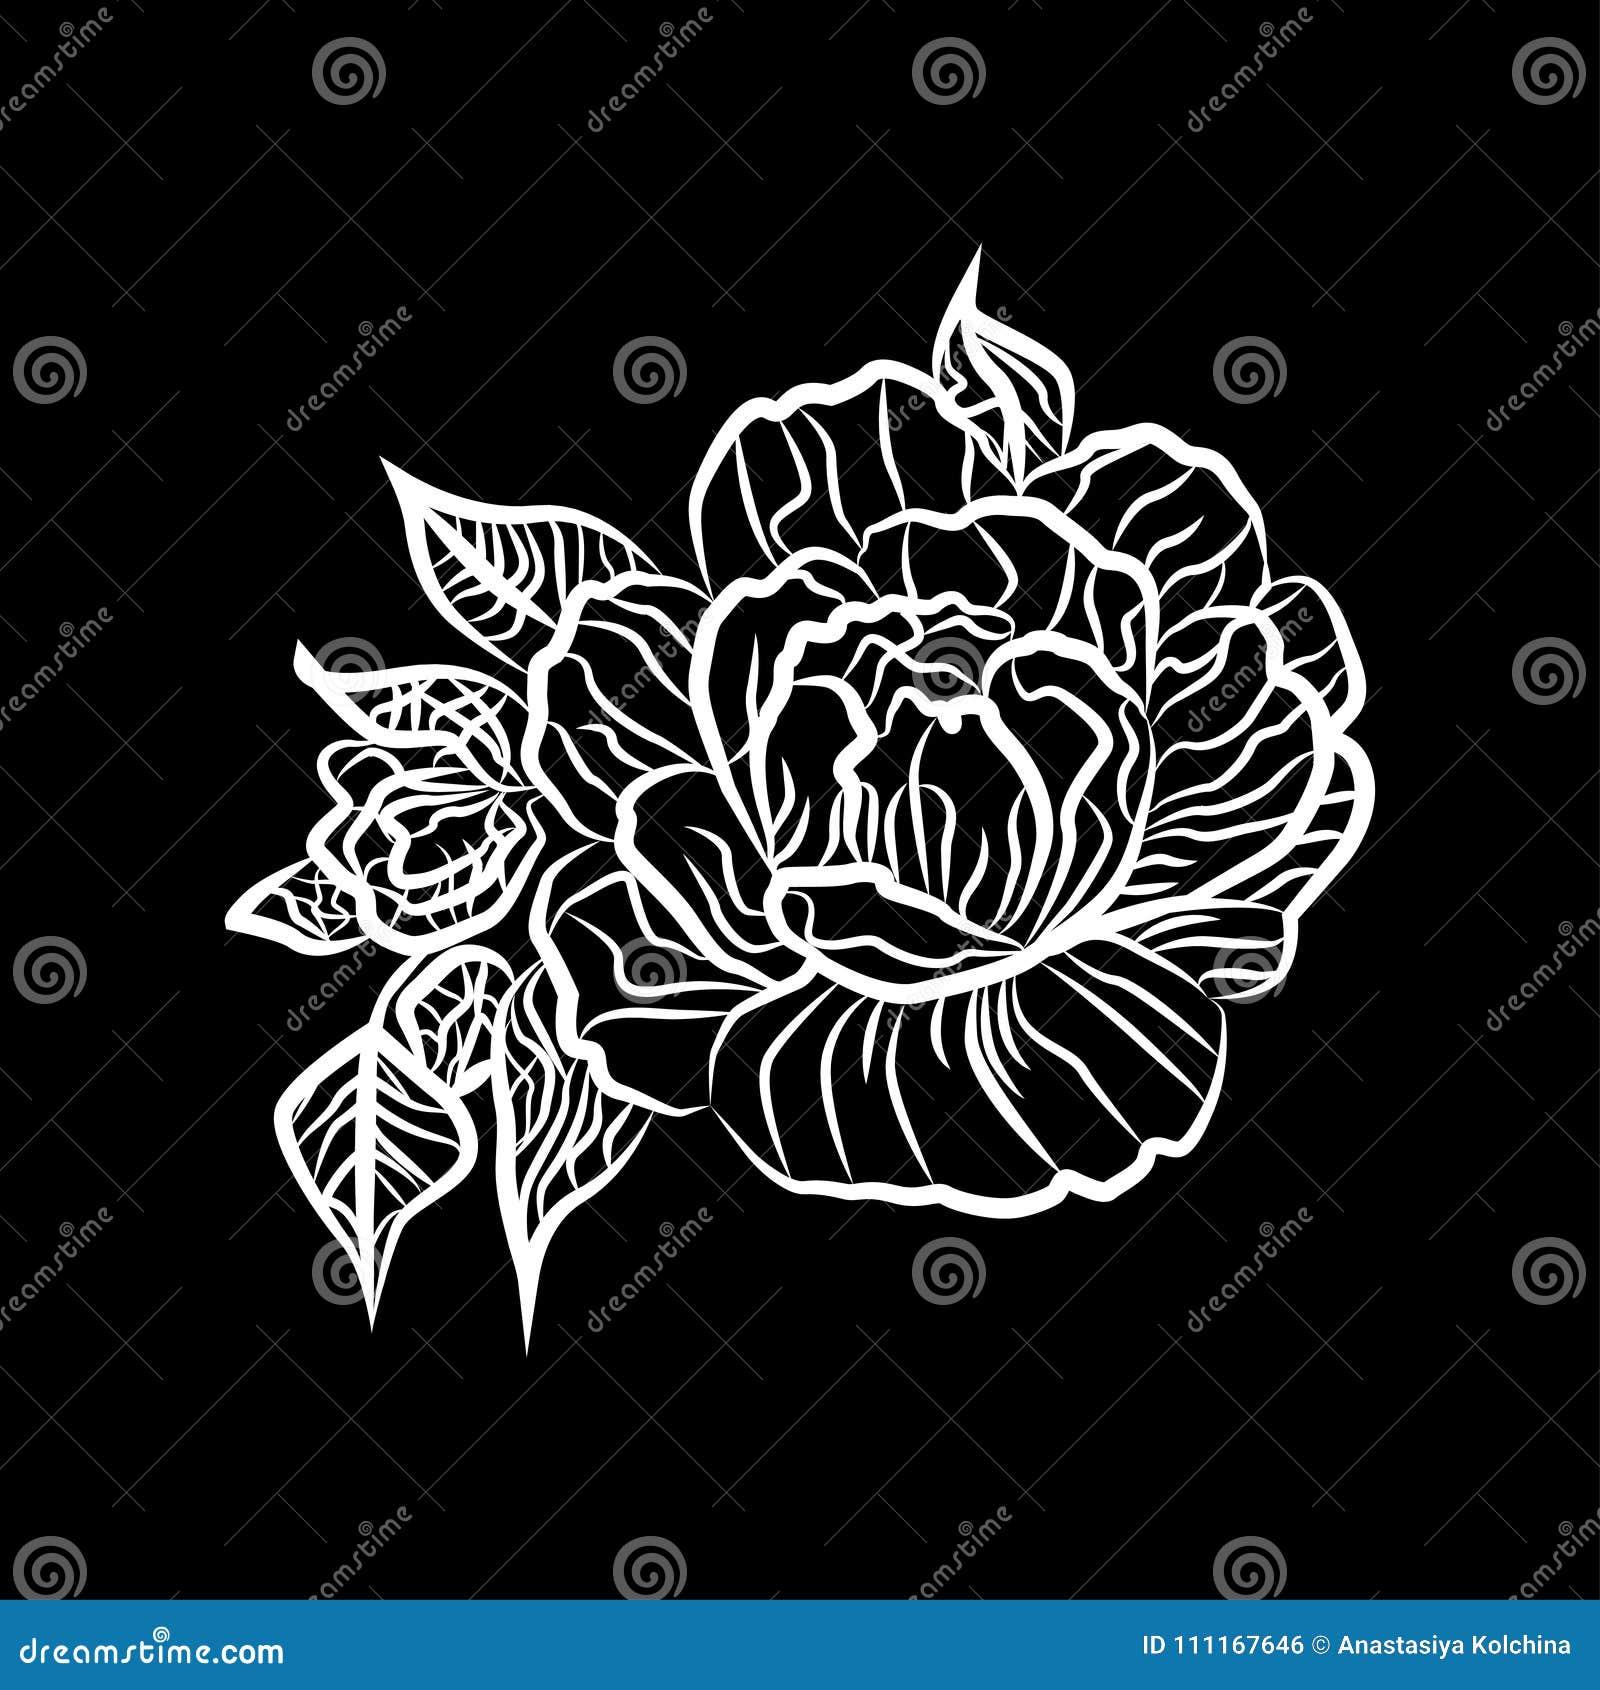 fleur rose dessin noir et blanc. Black Bedroom Furniture Sets. Home Design Ideas